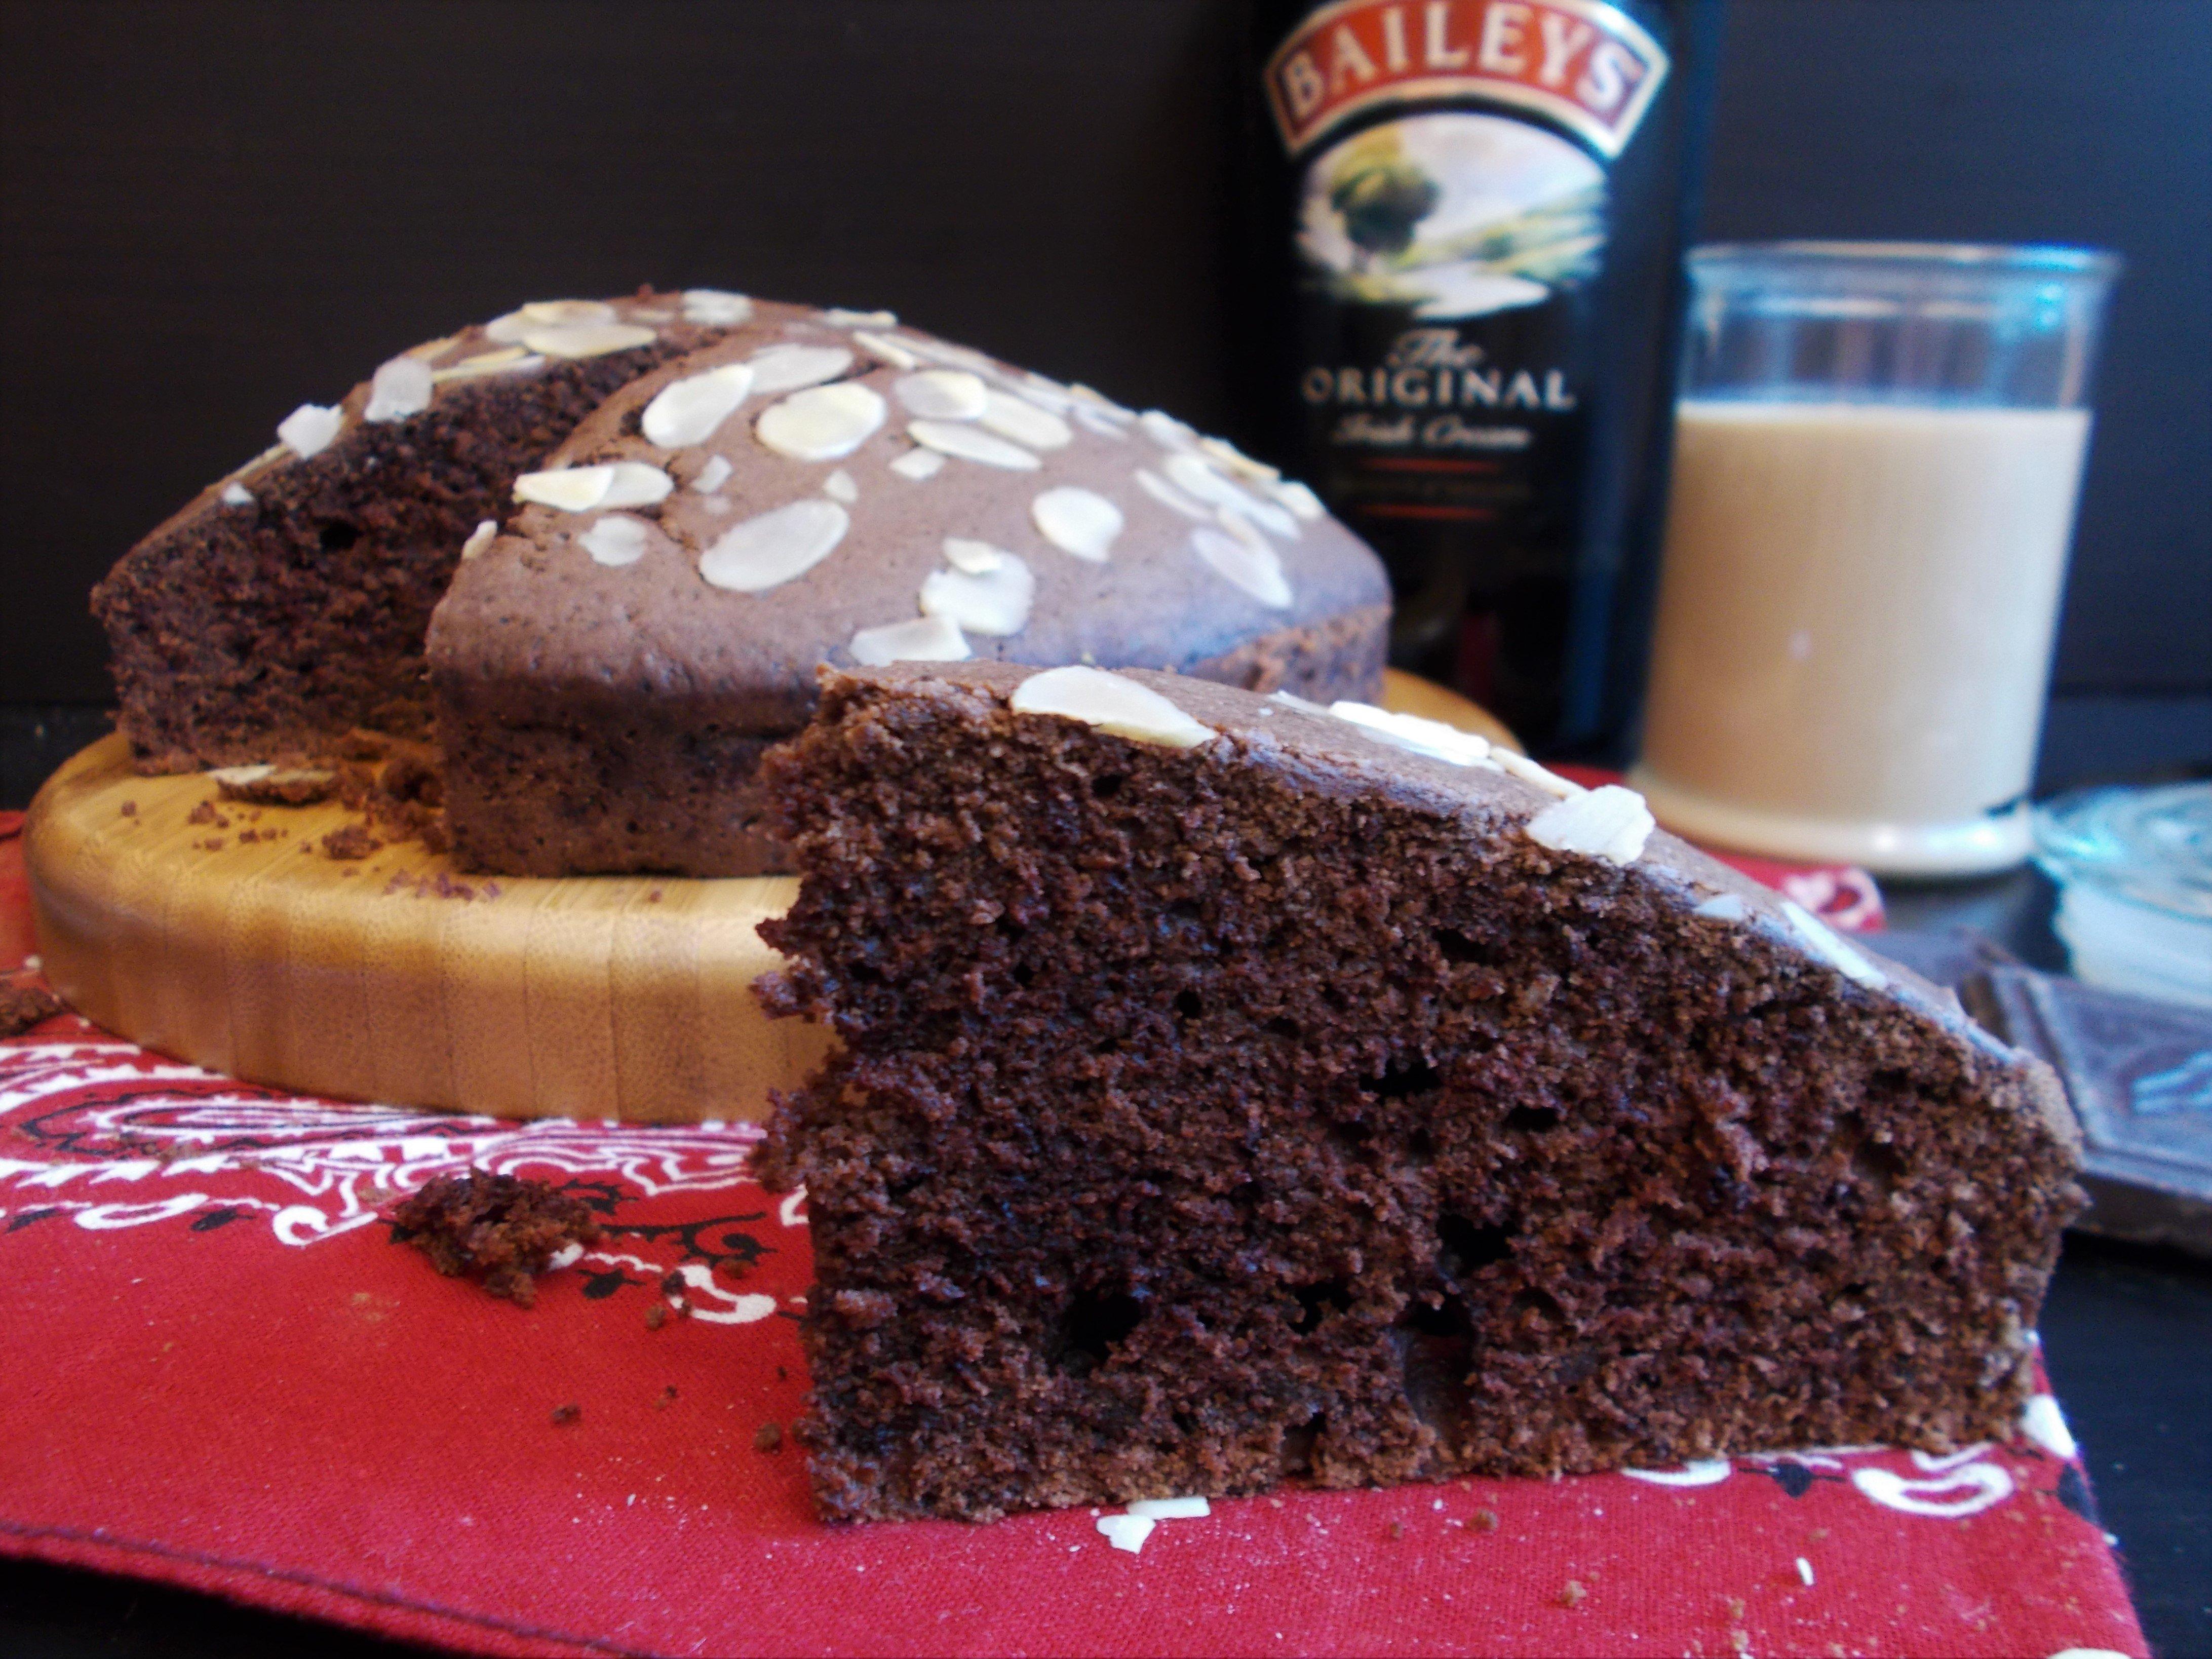 Gâteau au chocolat moelleux parfumé au Baileys